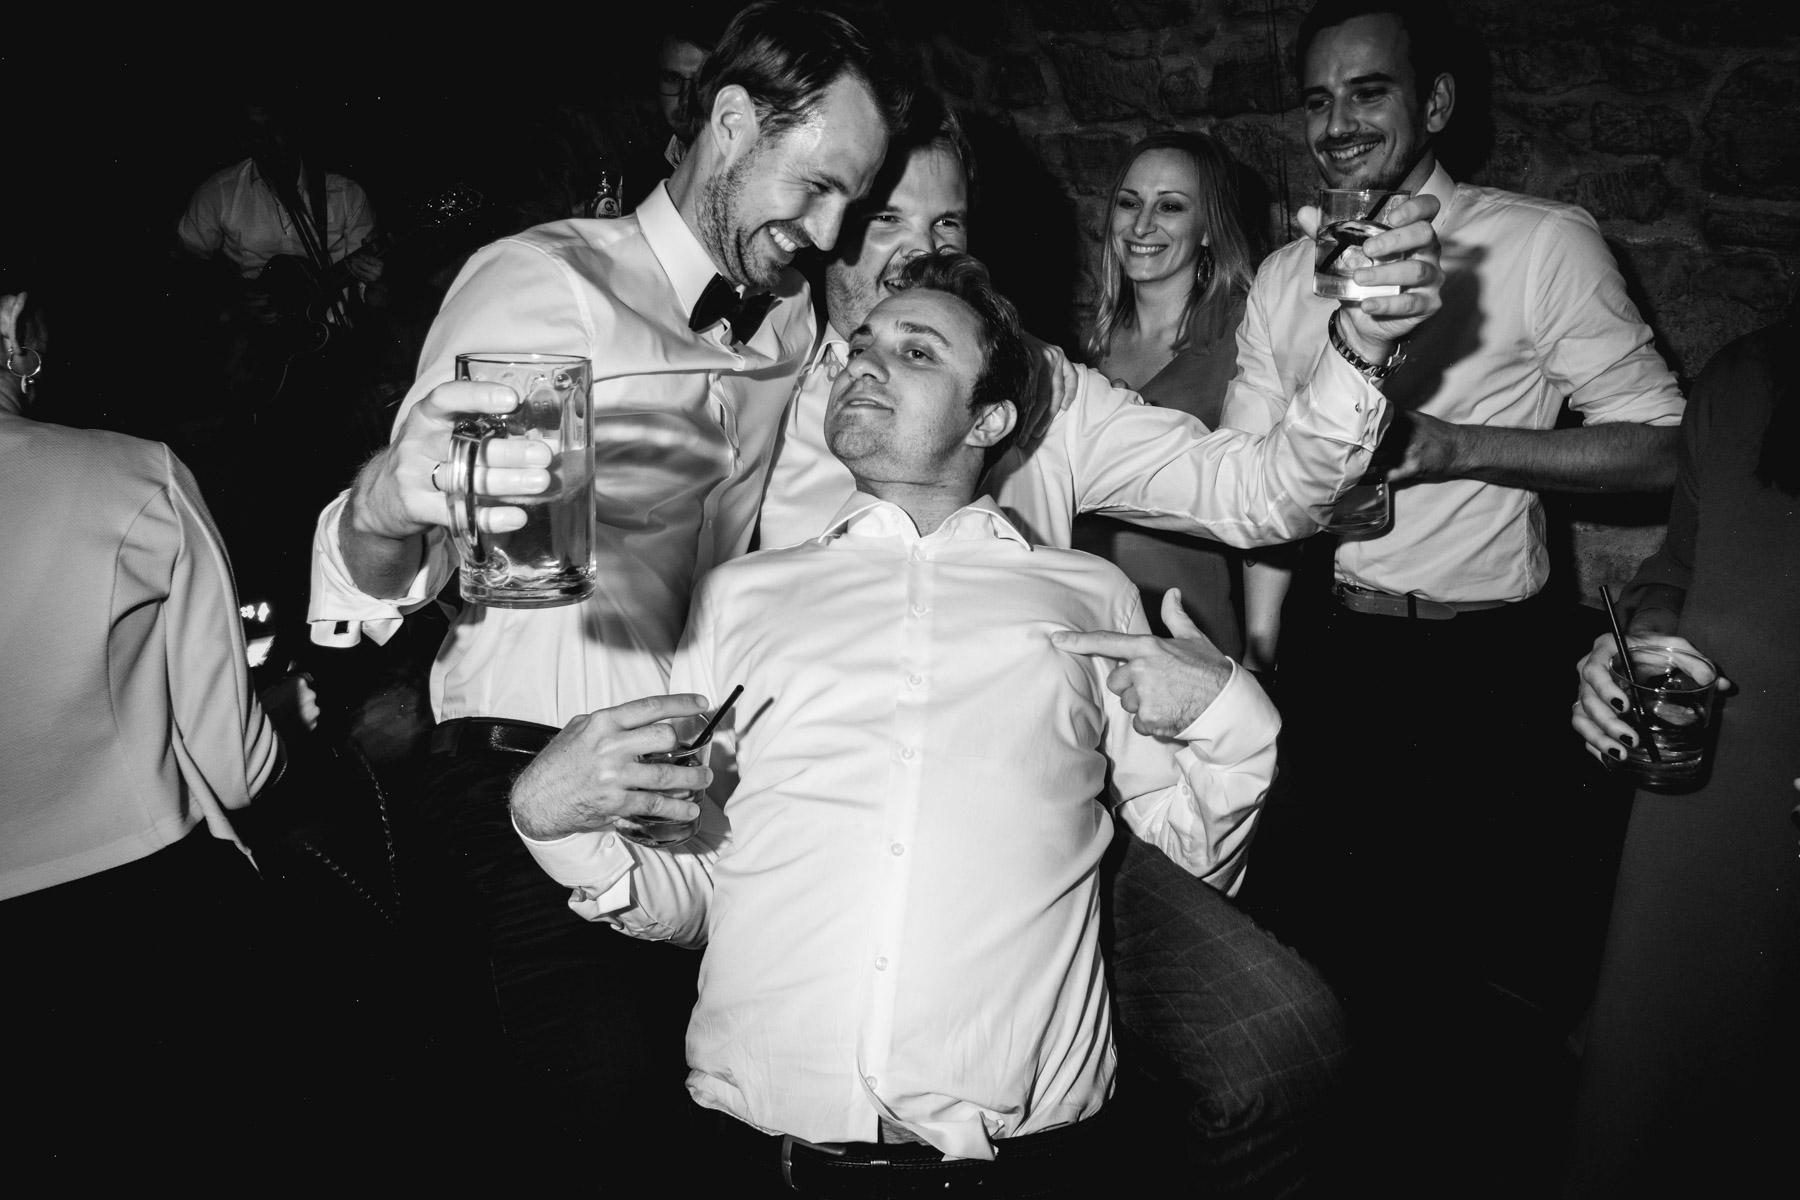 MartinLiebl_Kein_Hochzeitsfotograf_Blog_CWF_Bad_Neustadt_65.jpg